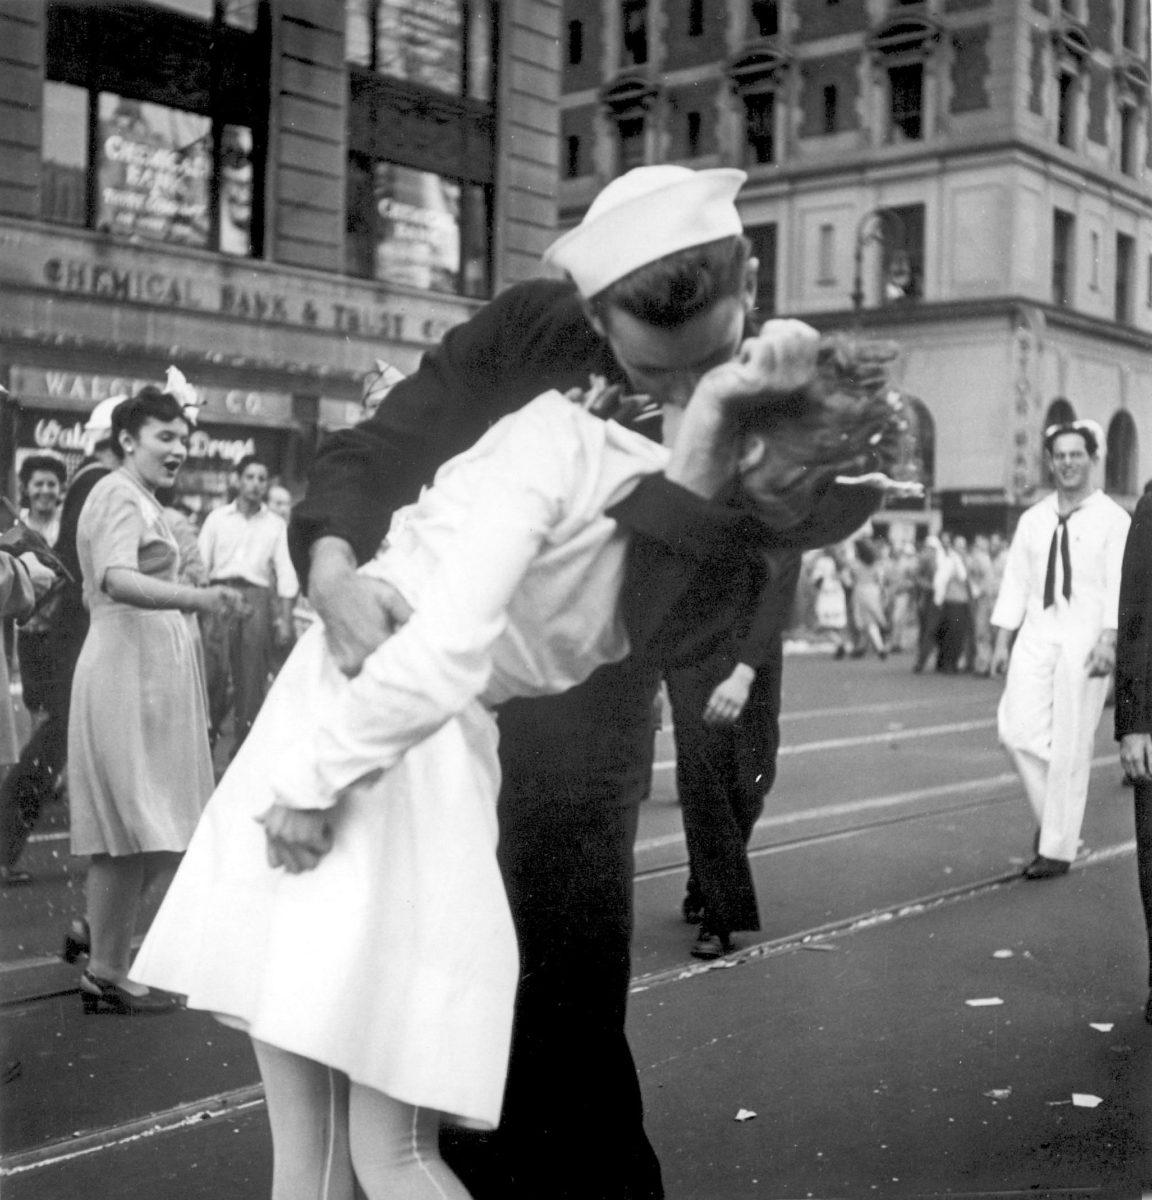 ВСША скончался моряк со популярного снимка военных лет «Поцелуй»